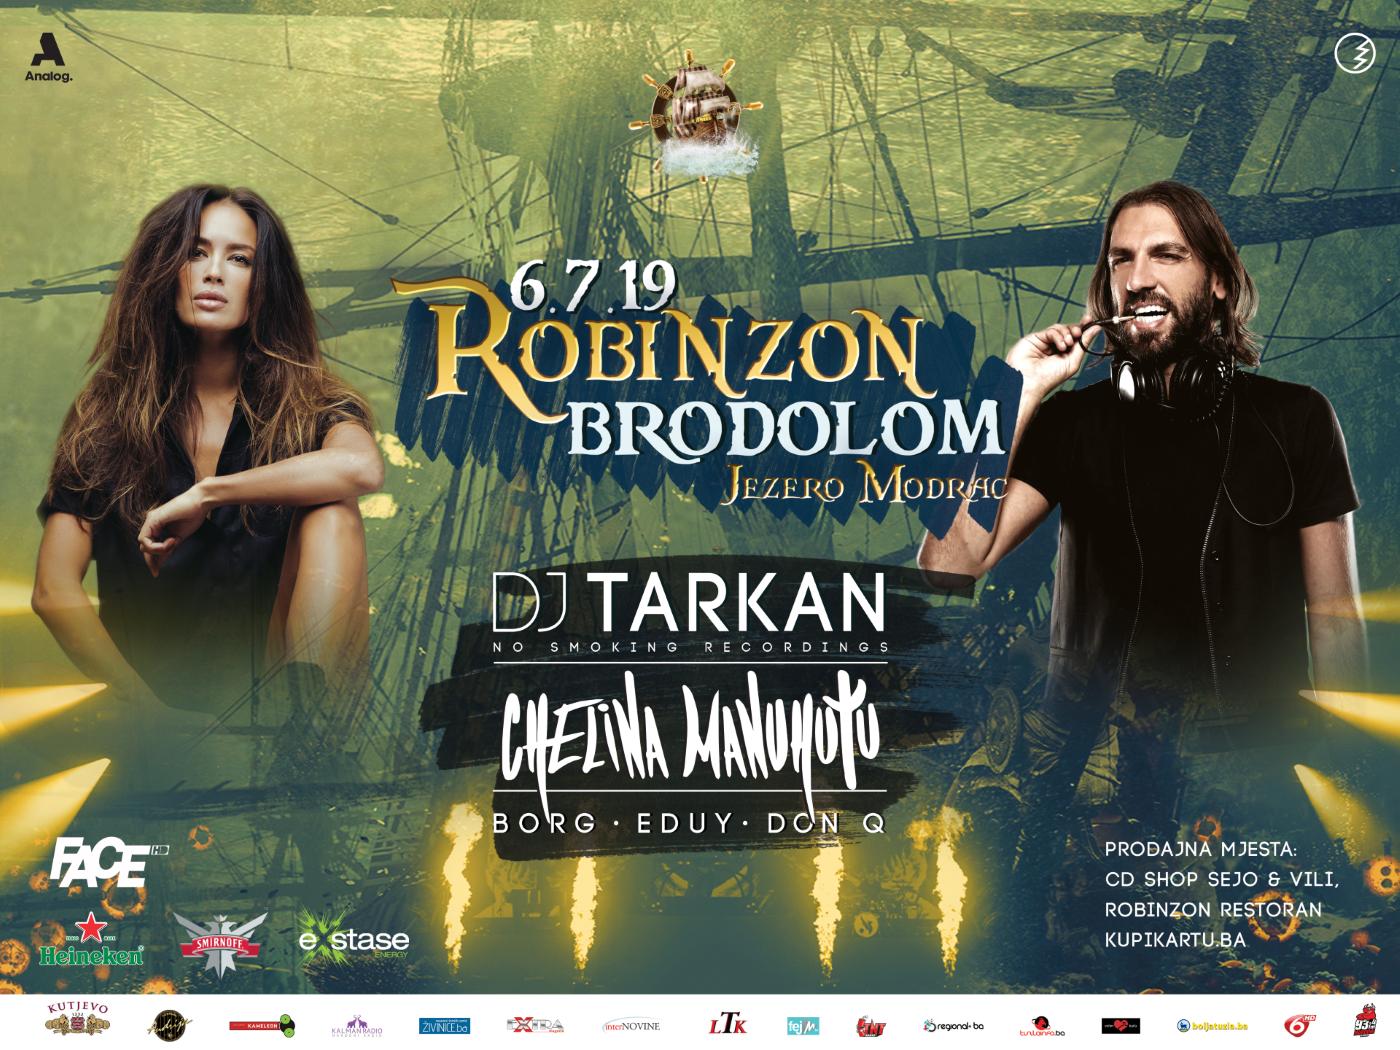 robinzon najavljuje brodolom 2019 na jezeru modrac!